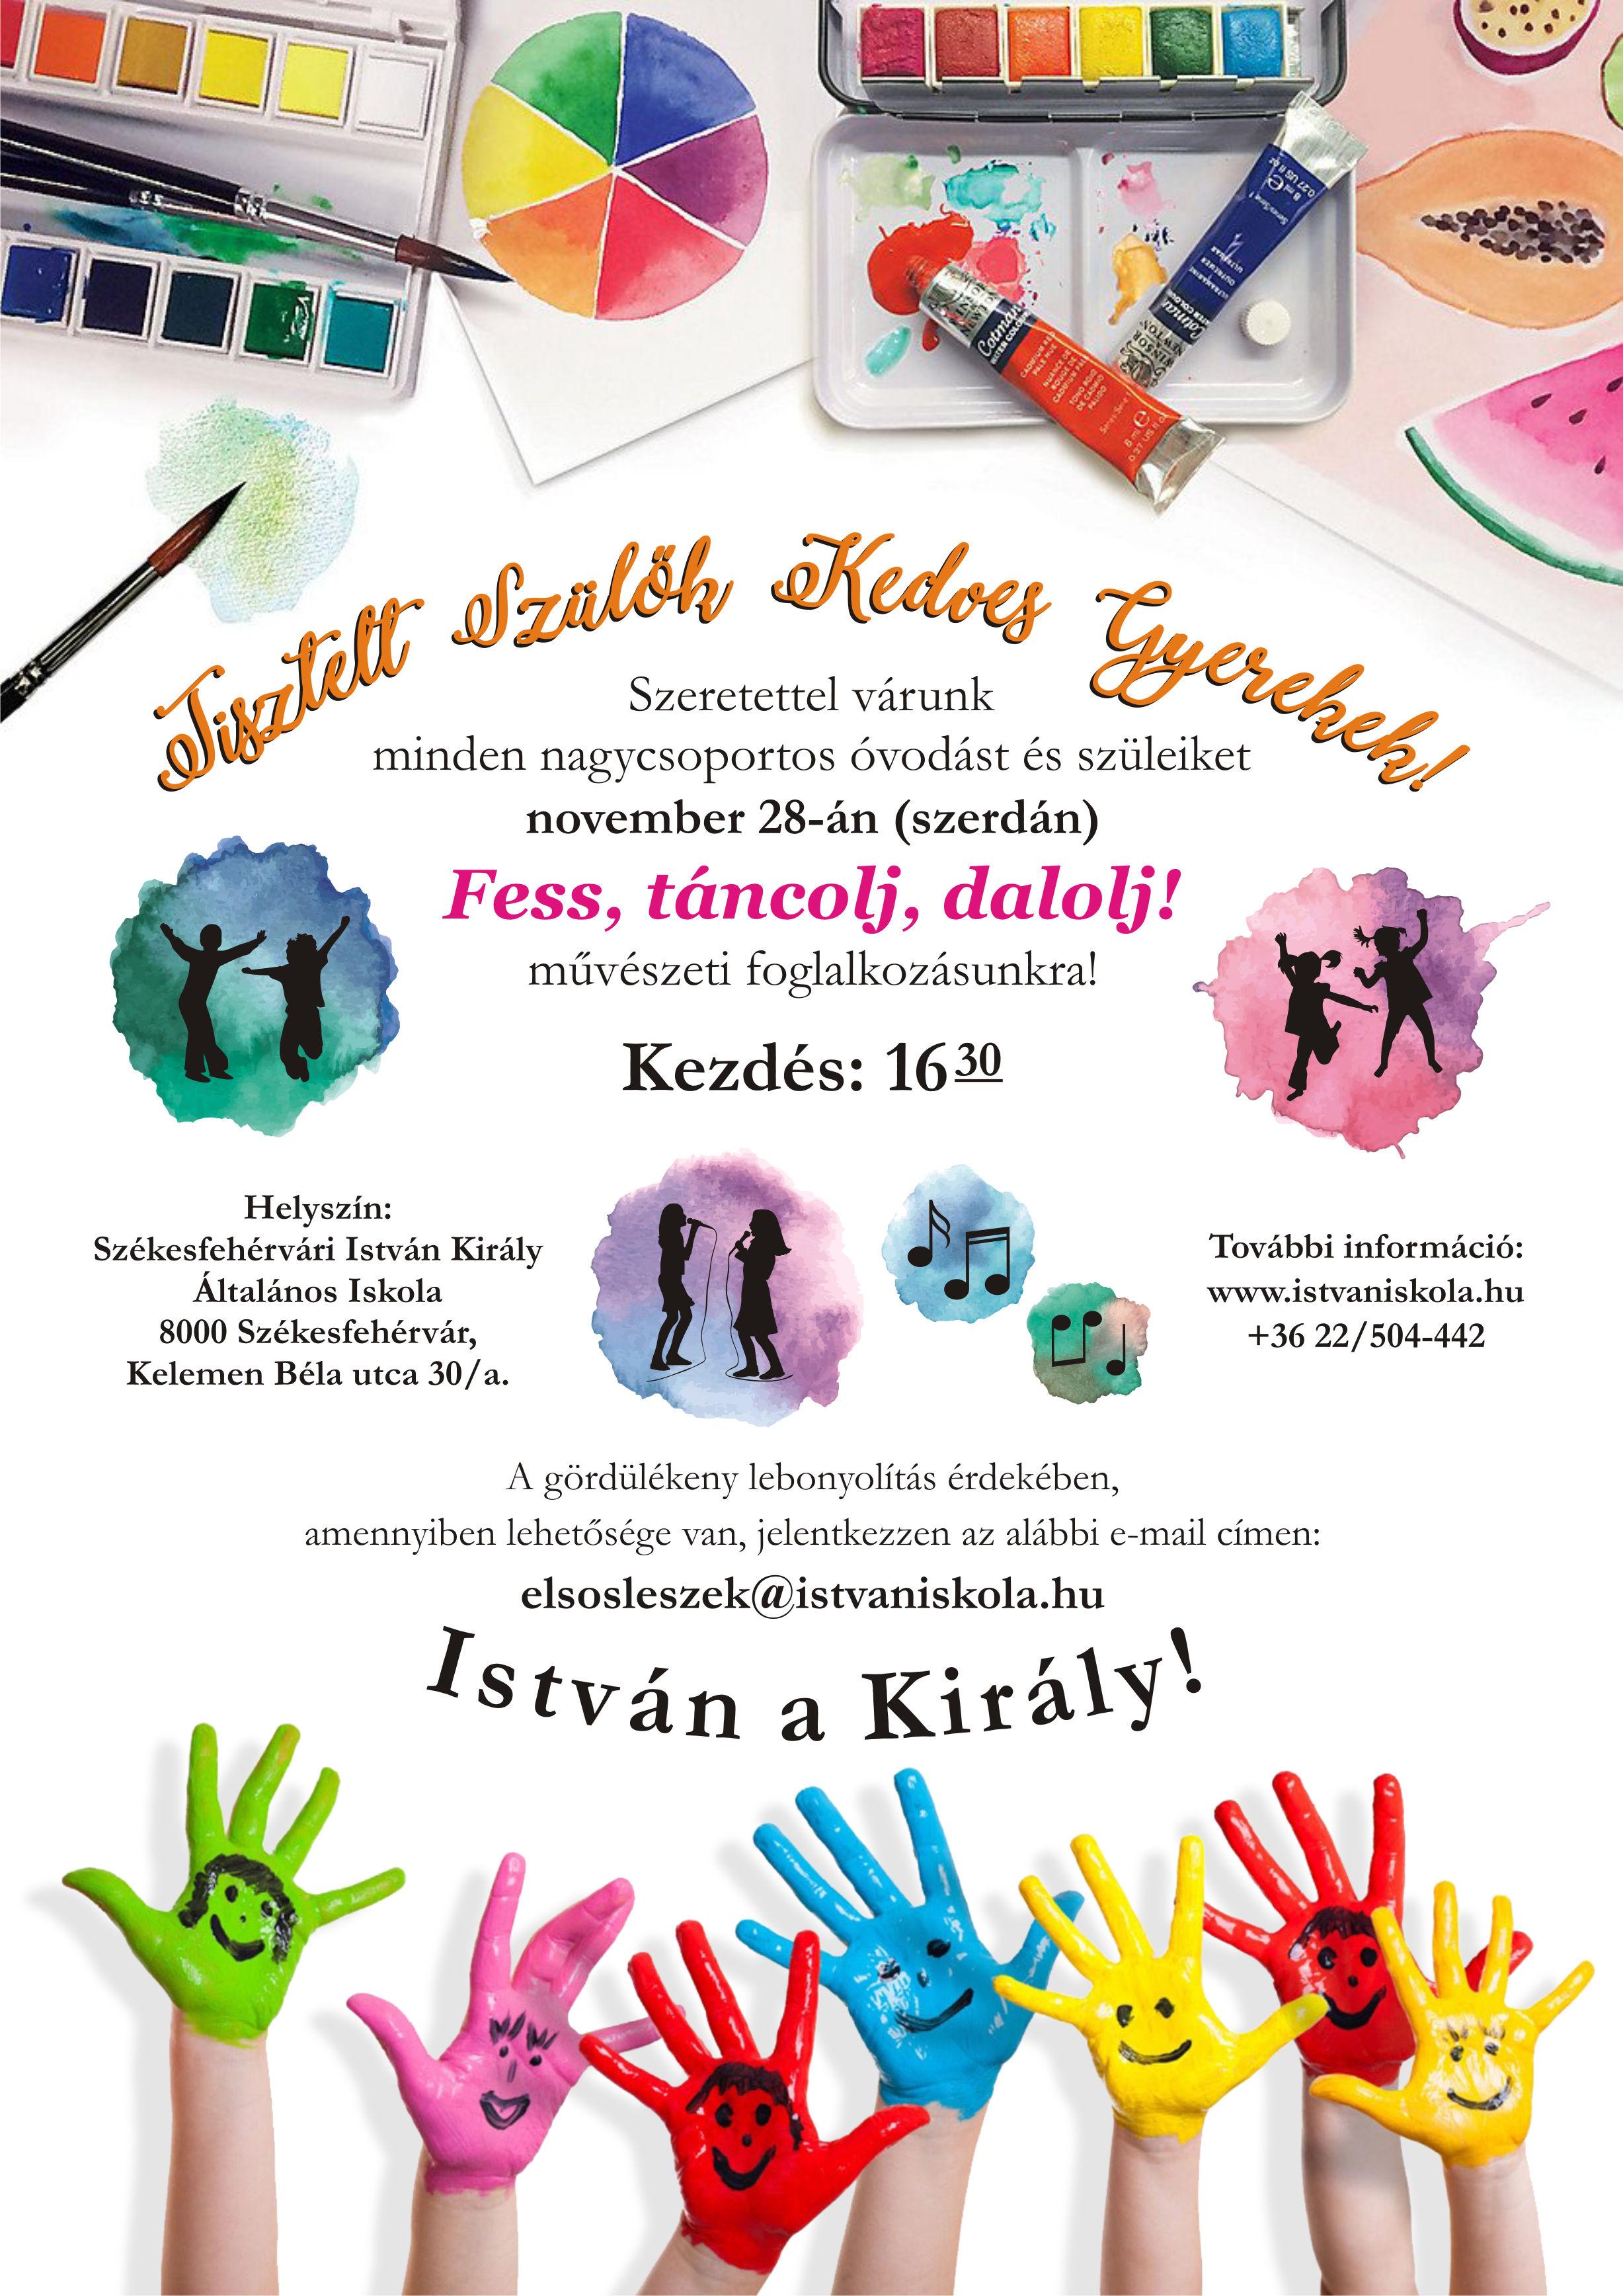 Székesfehérvár Városportál - Címkék iskola 0dea3afd29